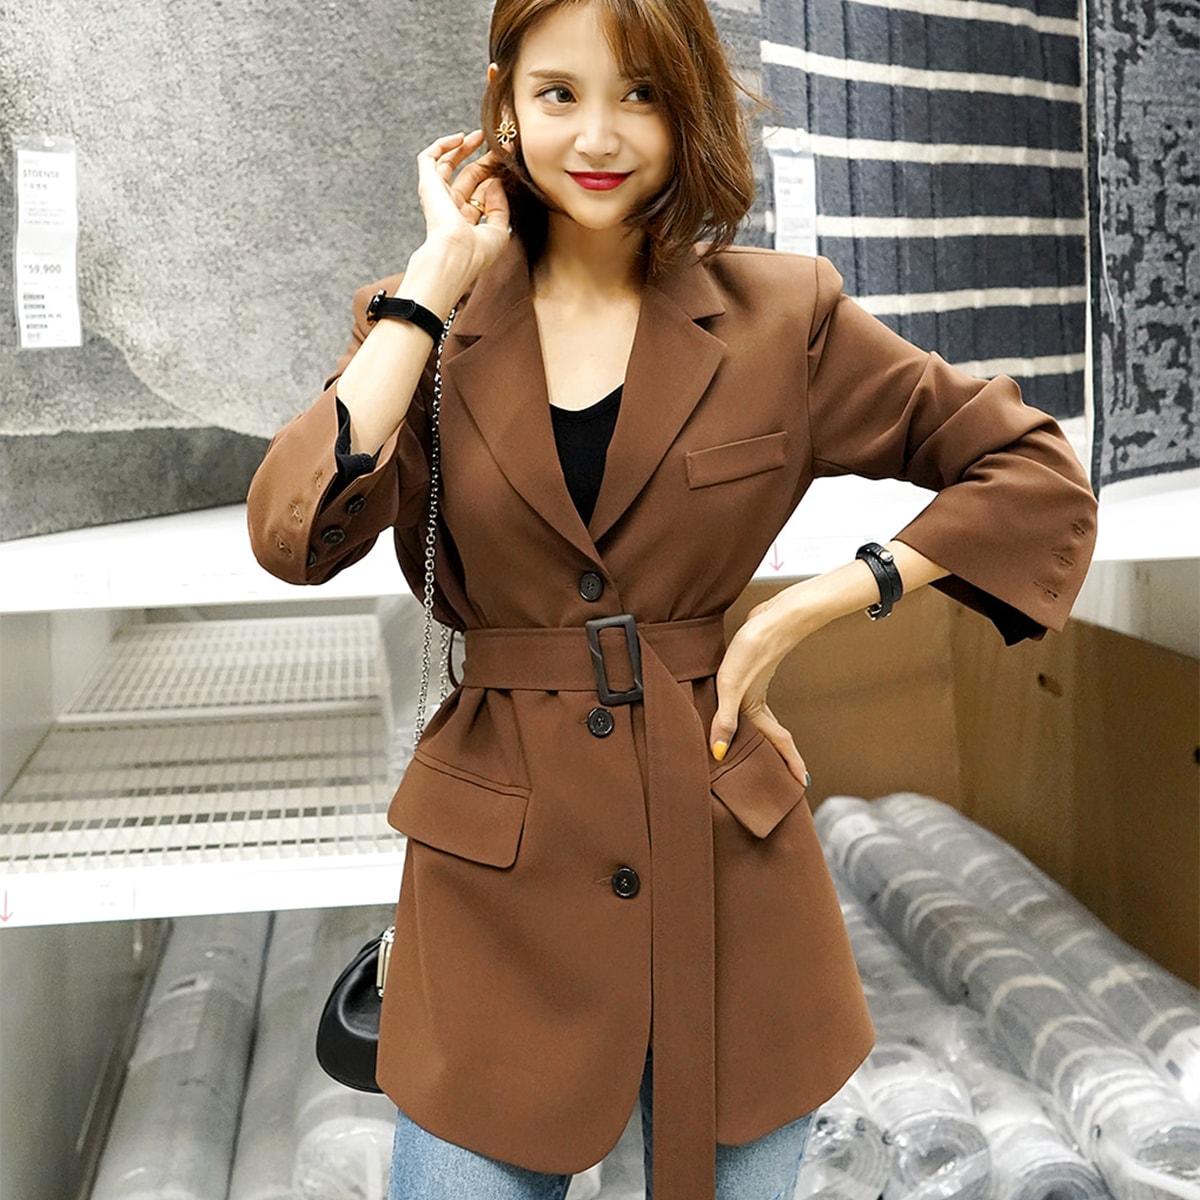 [韩国直邮] WINGS 韩国收腰系带西装外套女 #褐色 M(36-38) 怎么样 - 亚米网